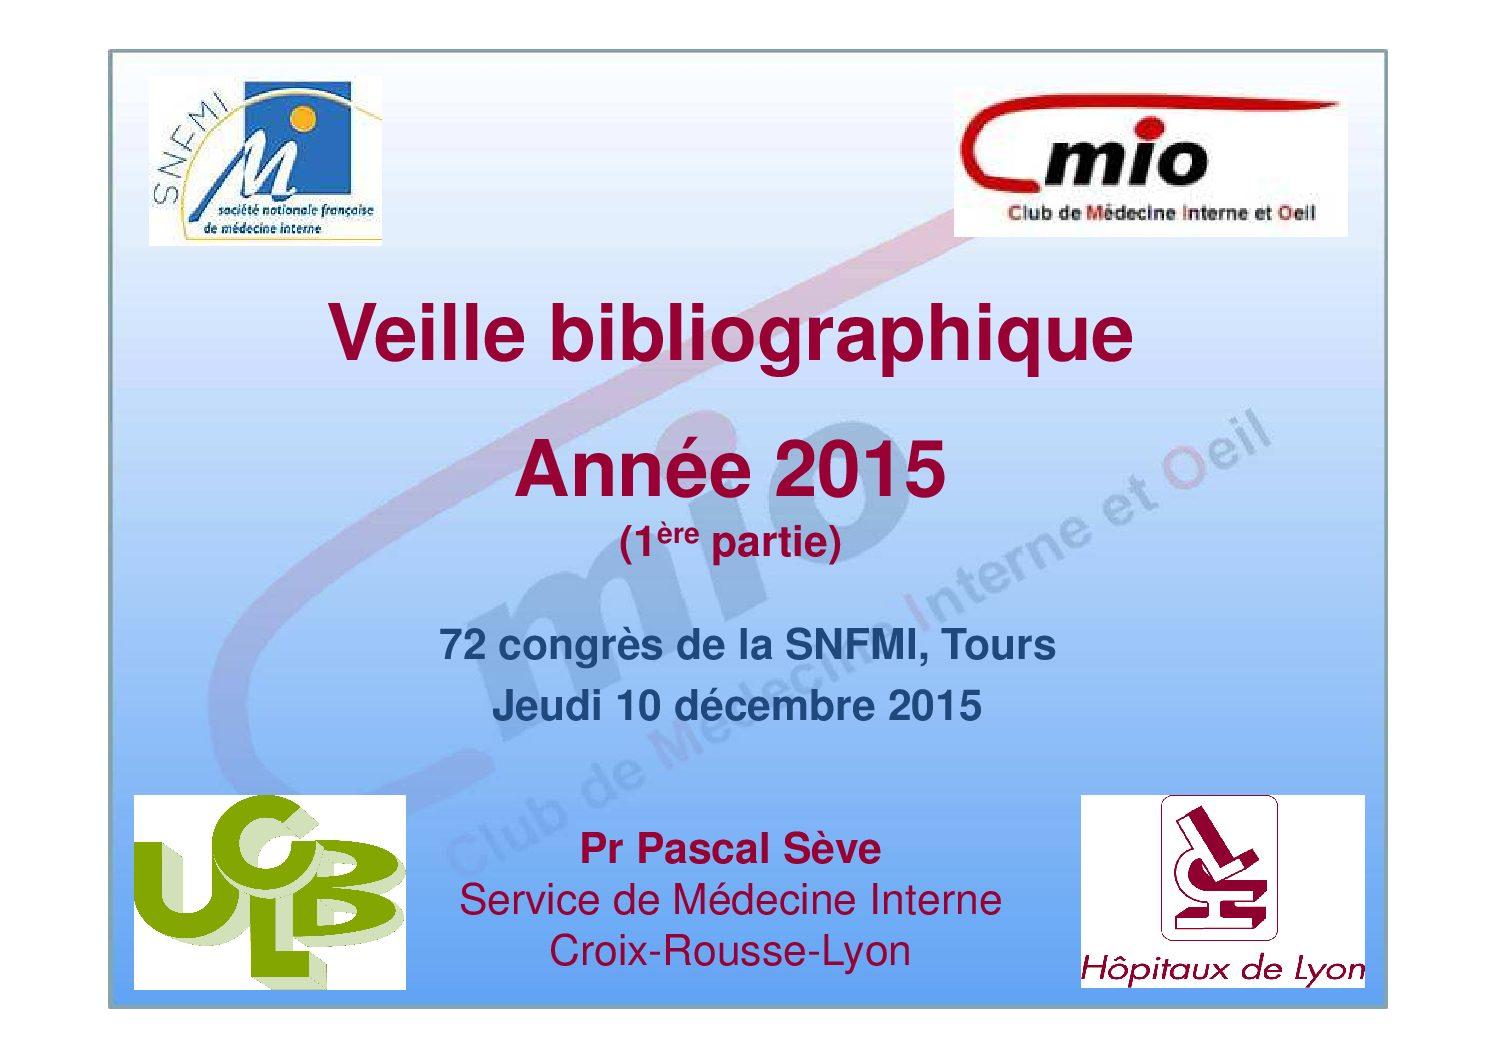 Veille bibliographique – Année 2015 (1)